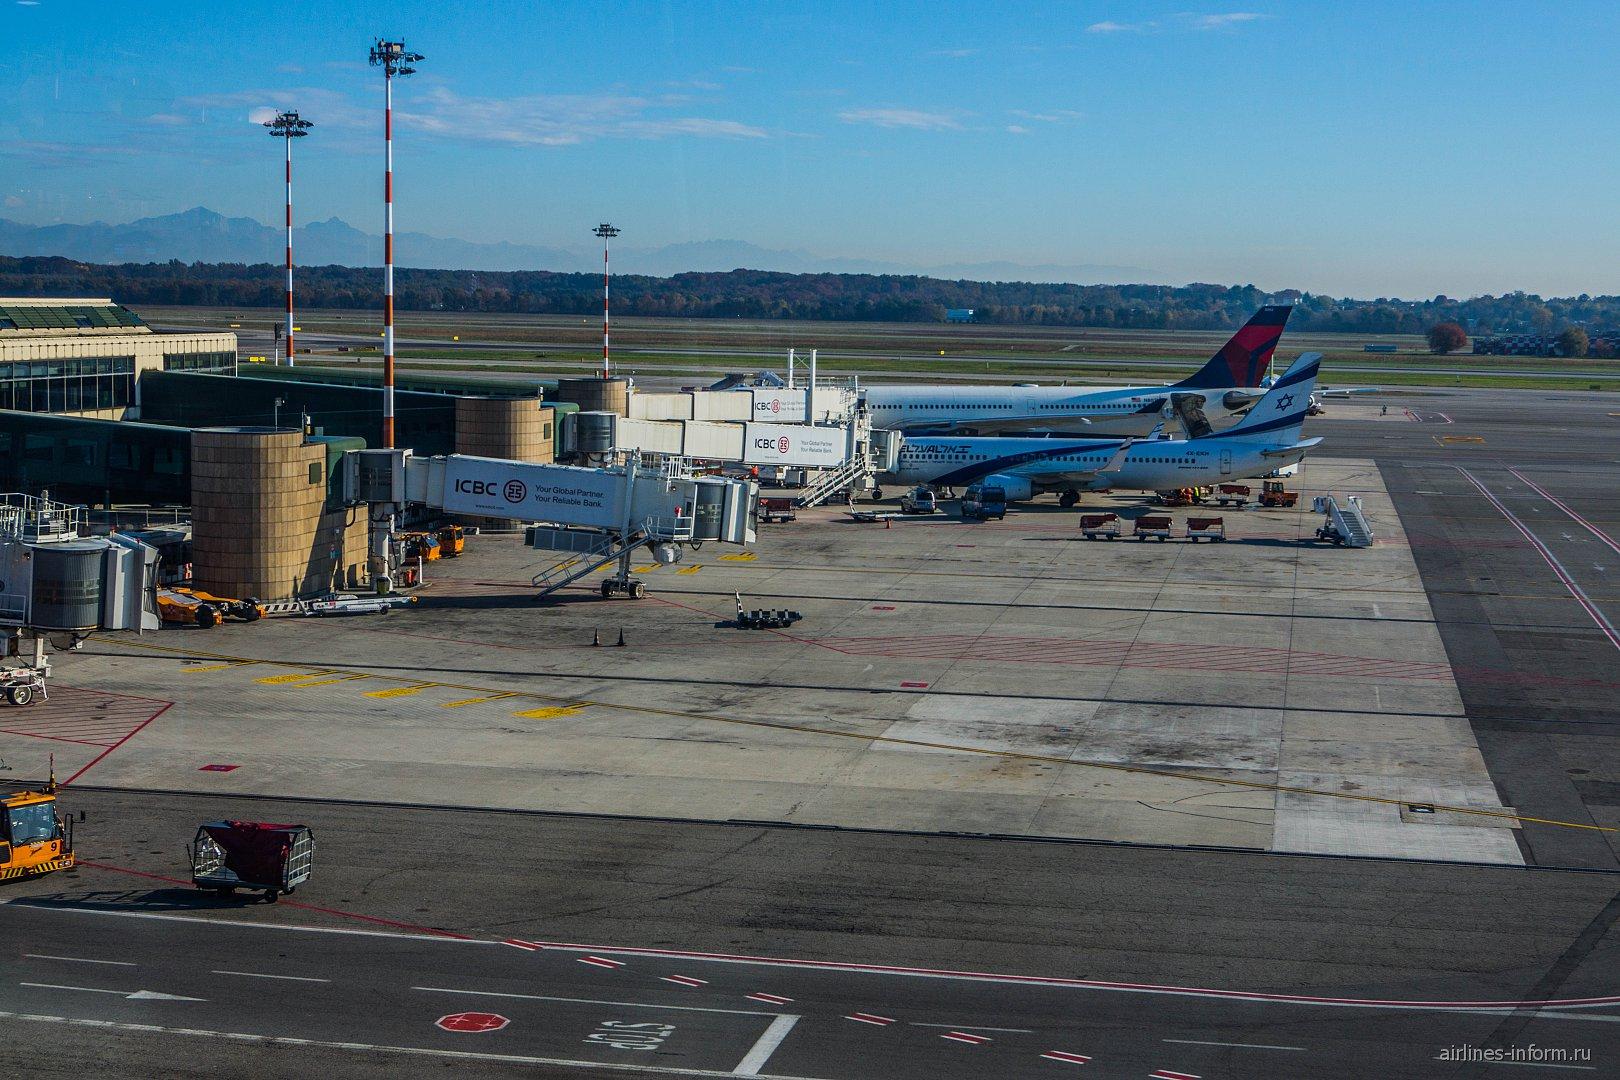 Летное поле аэропорта Милан Мальпенса